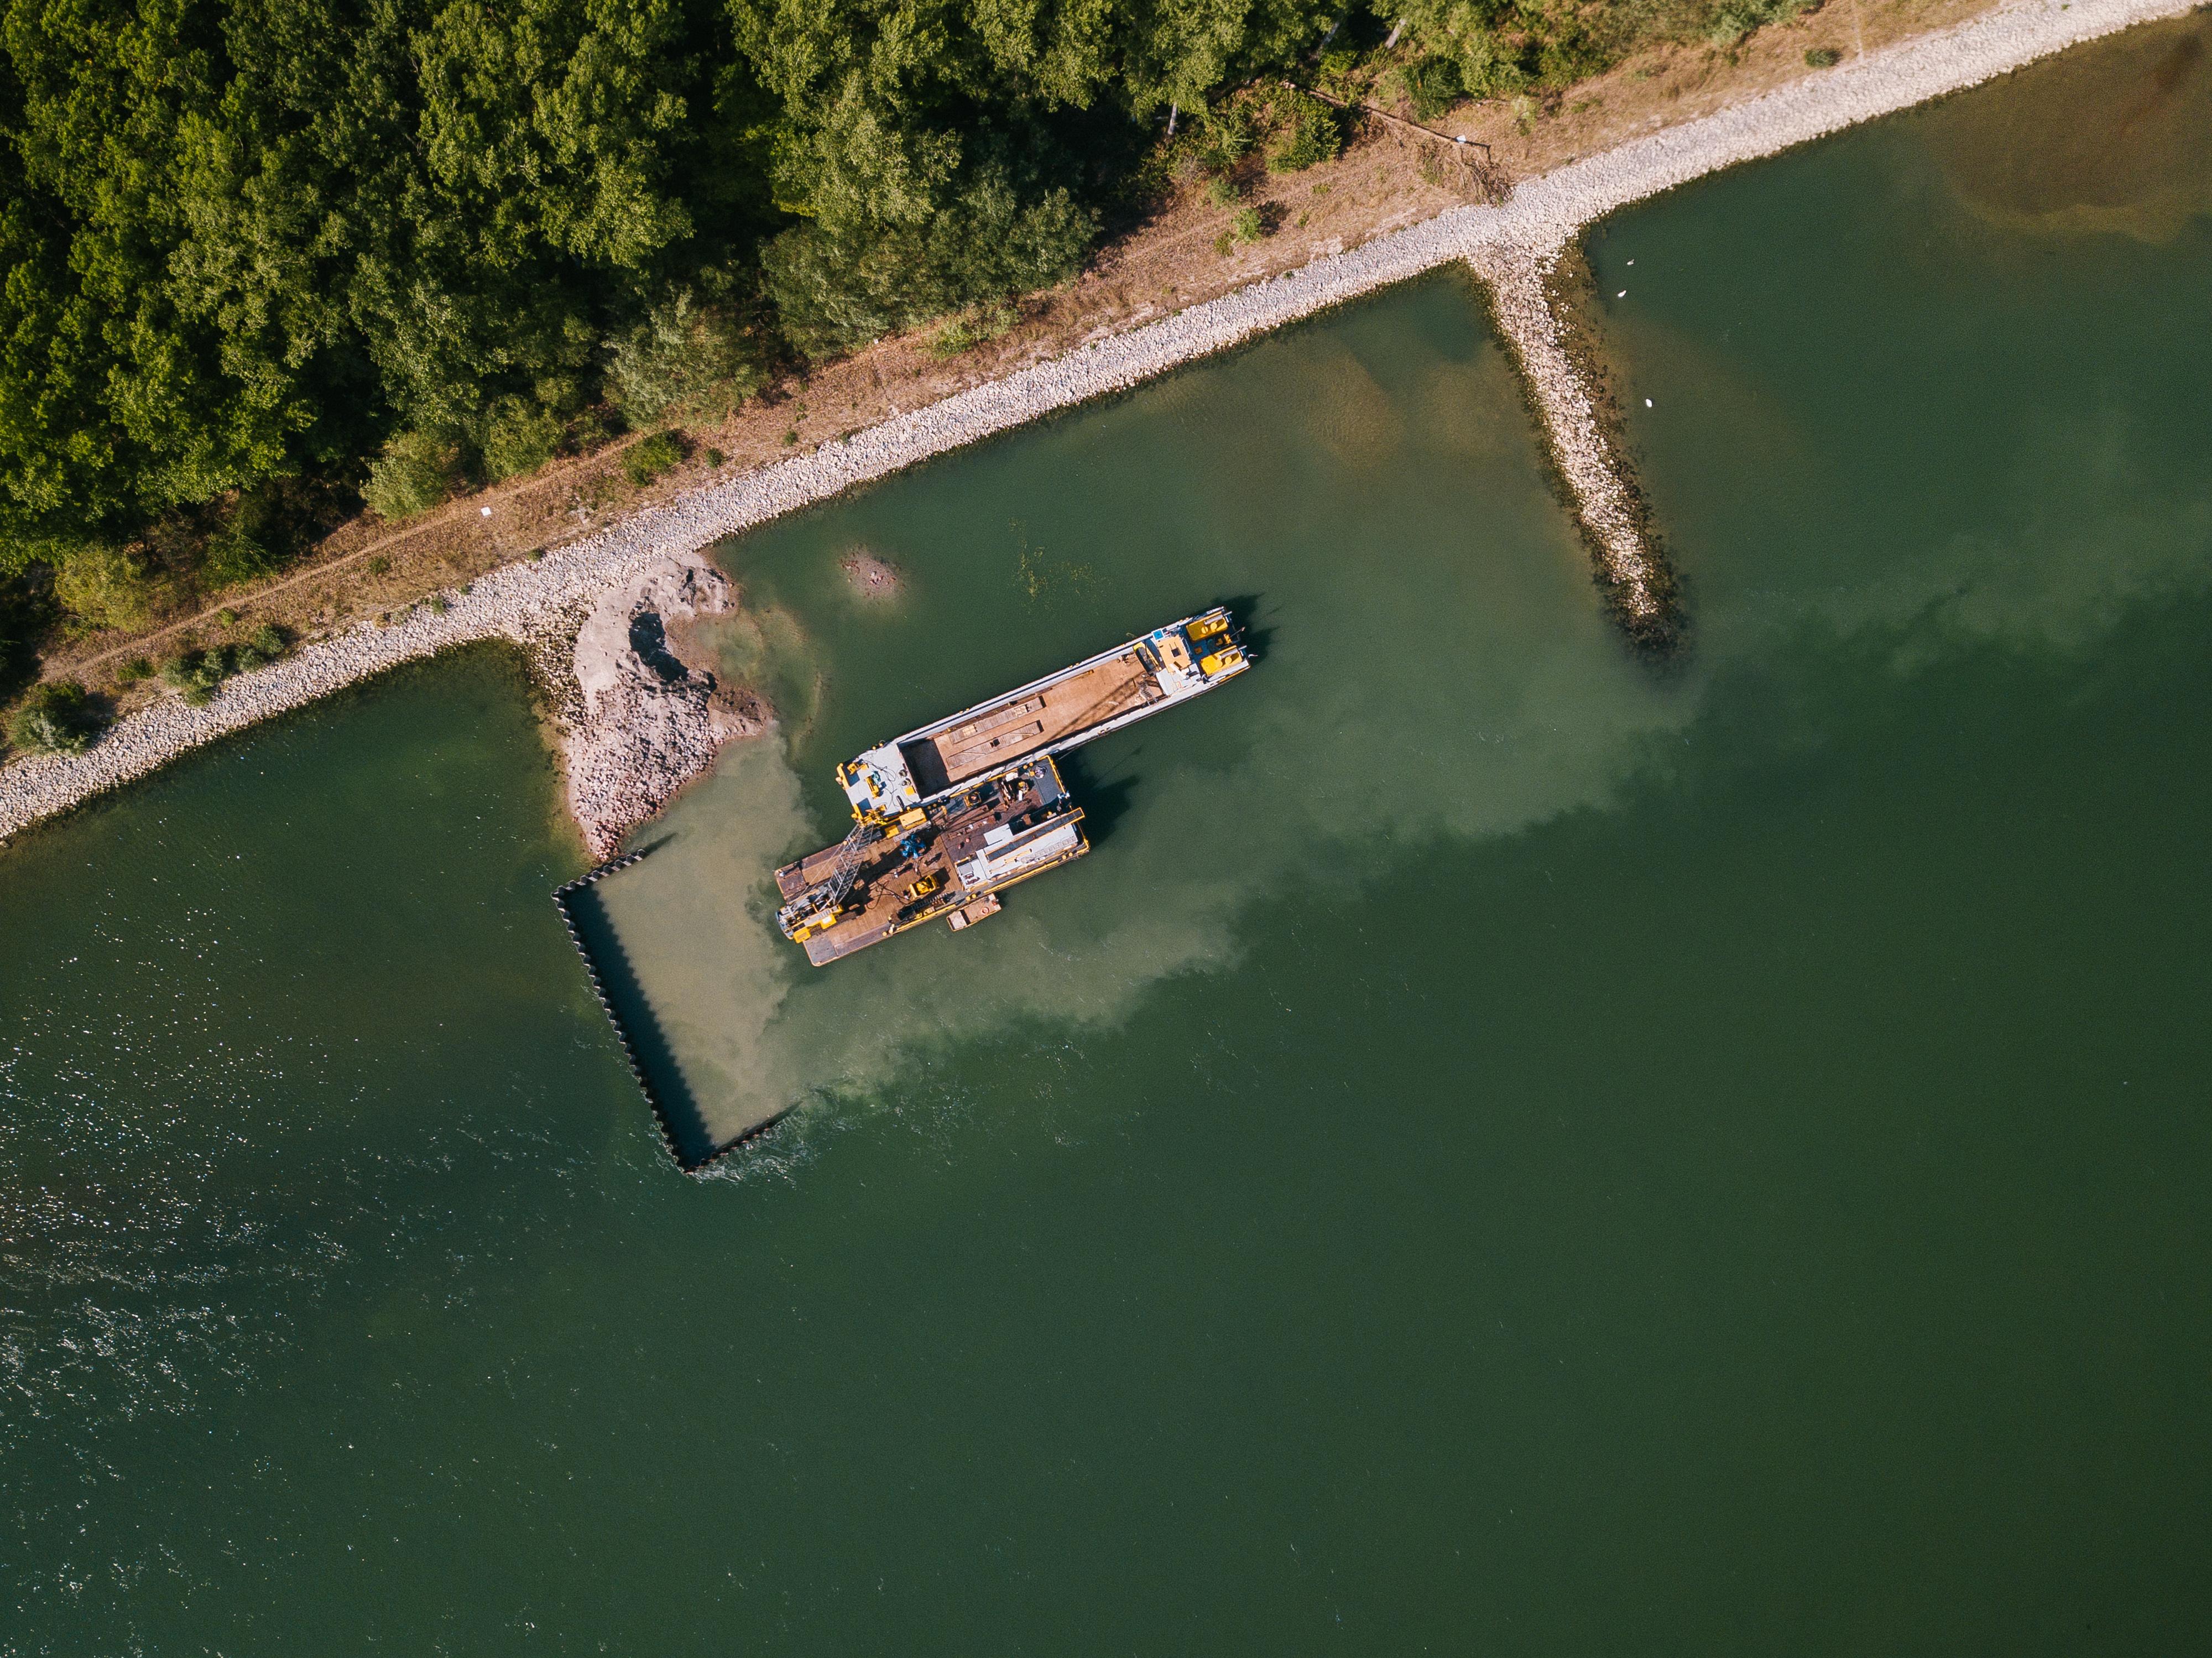 Dampflok Im Rhein Gefunden